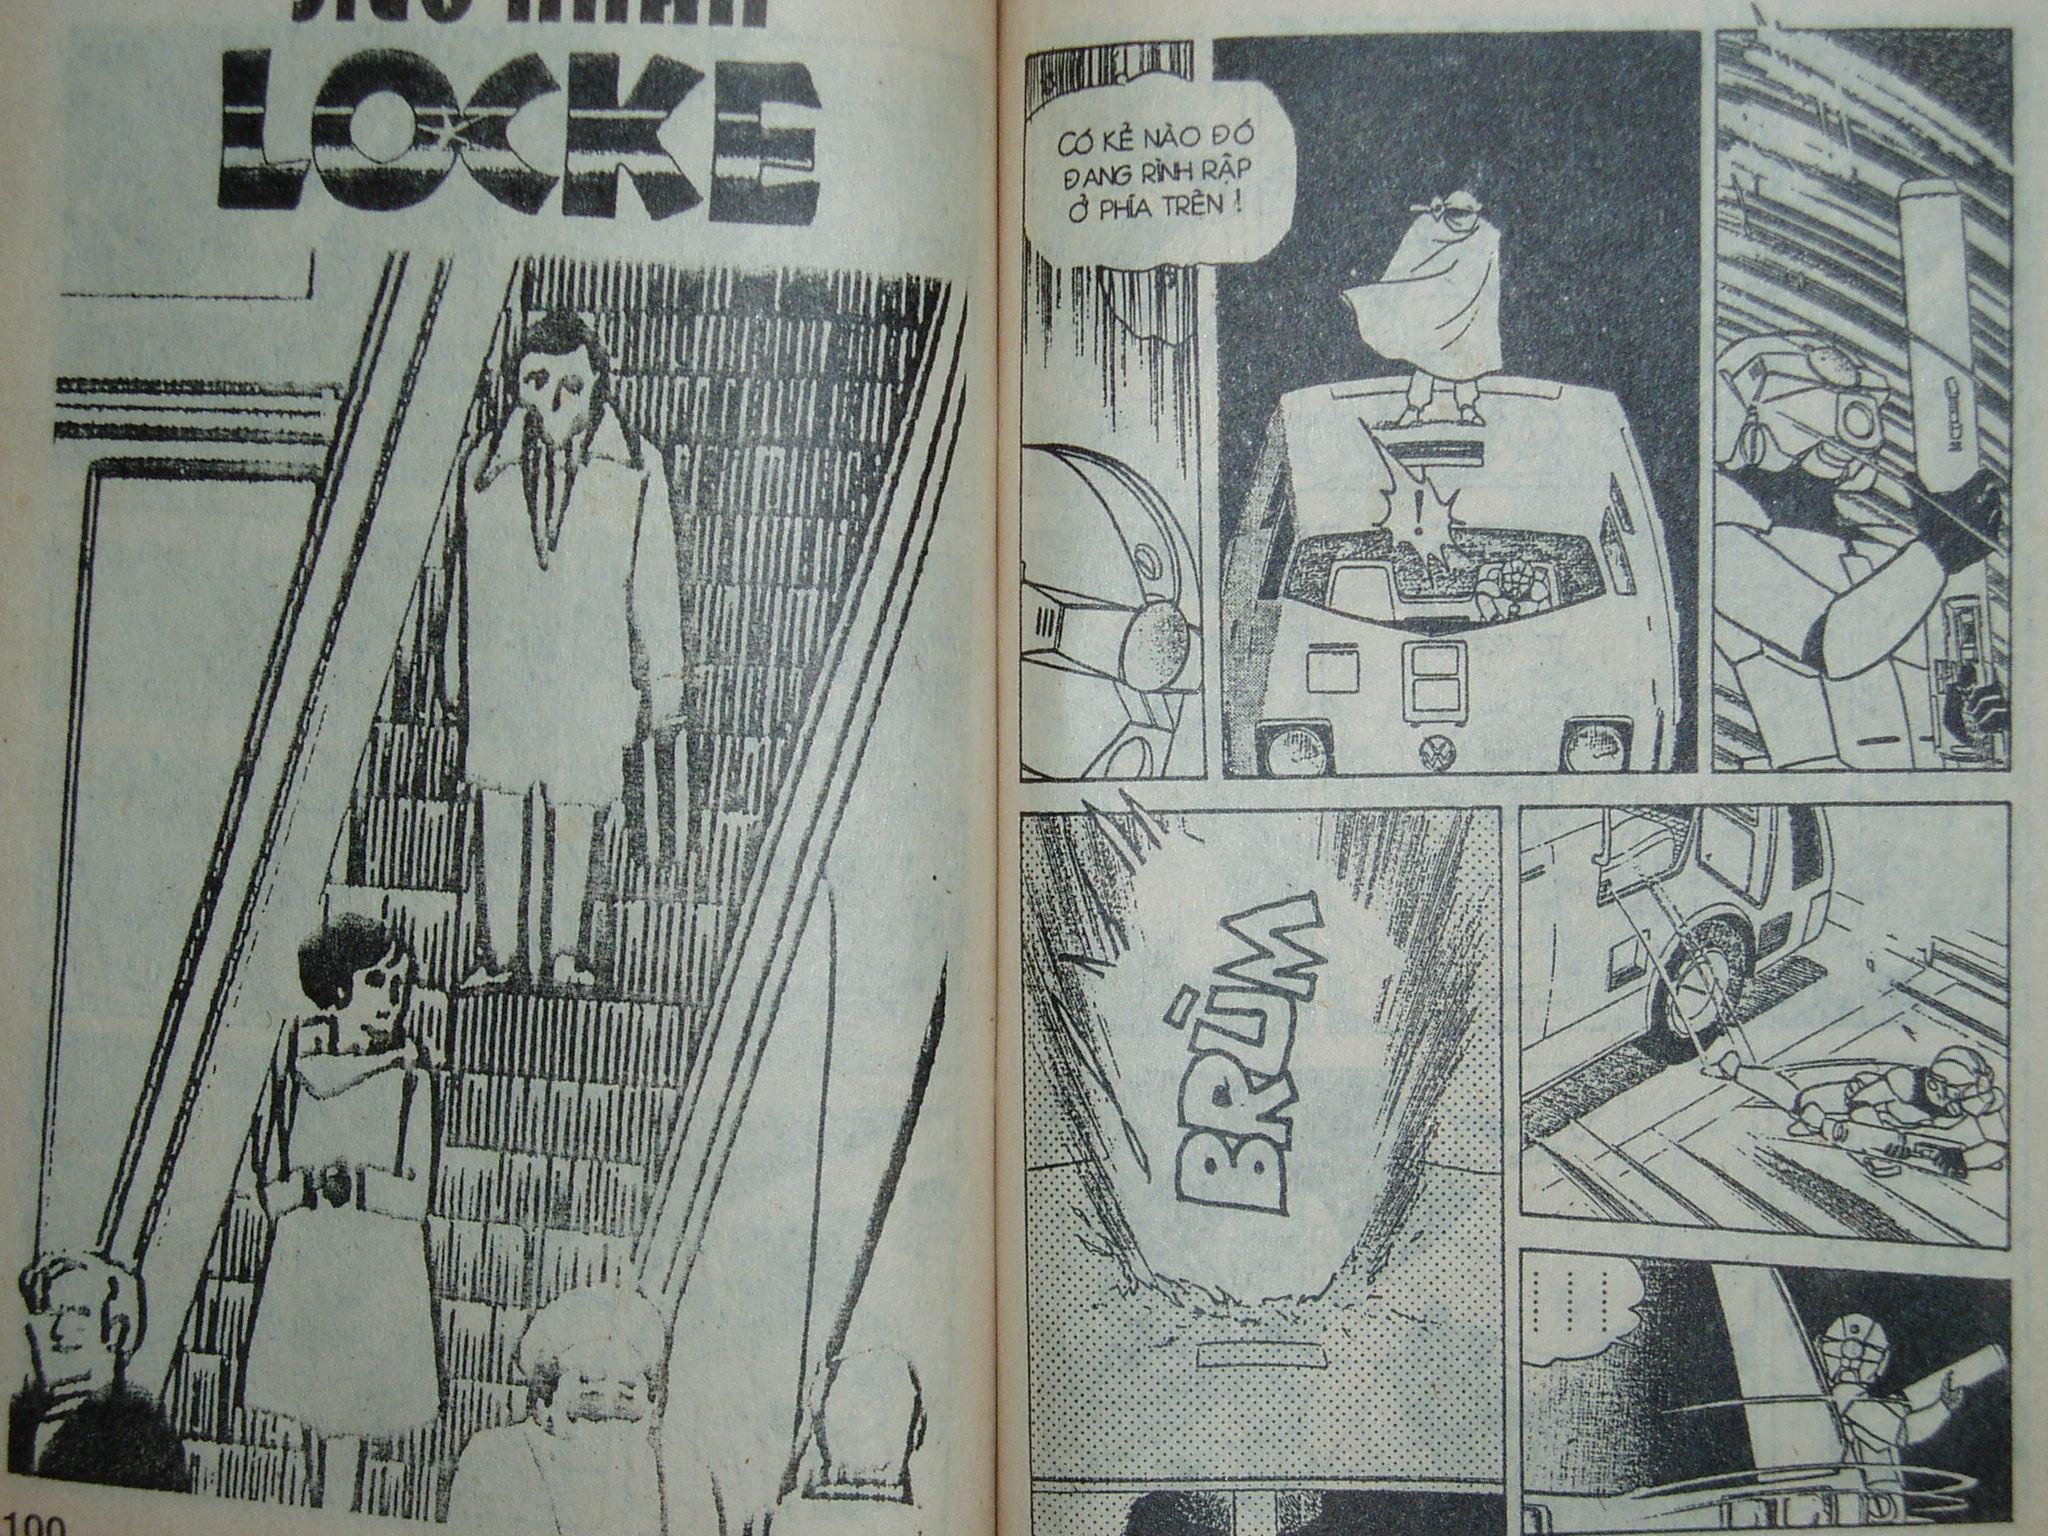 Siêu nhân Locke vol 16 trang 49